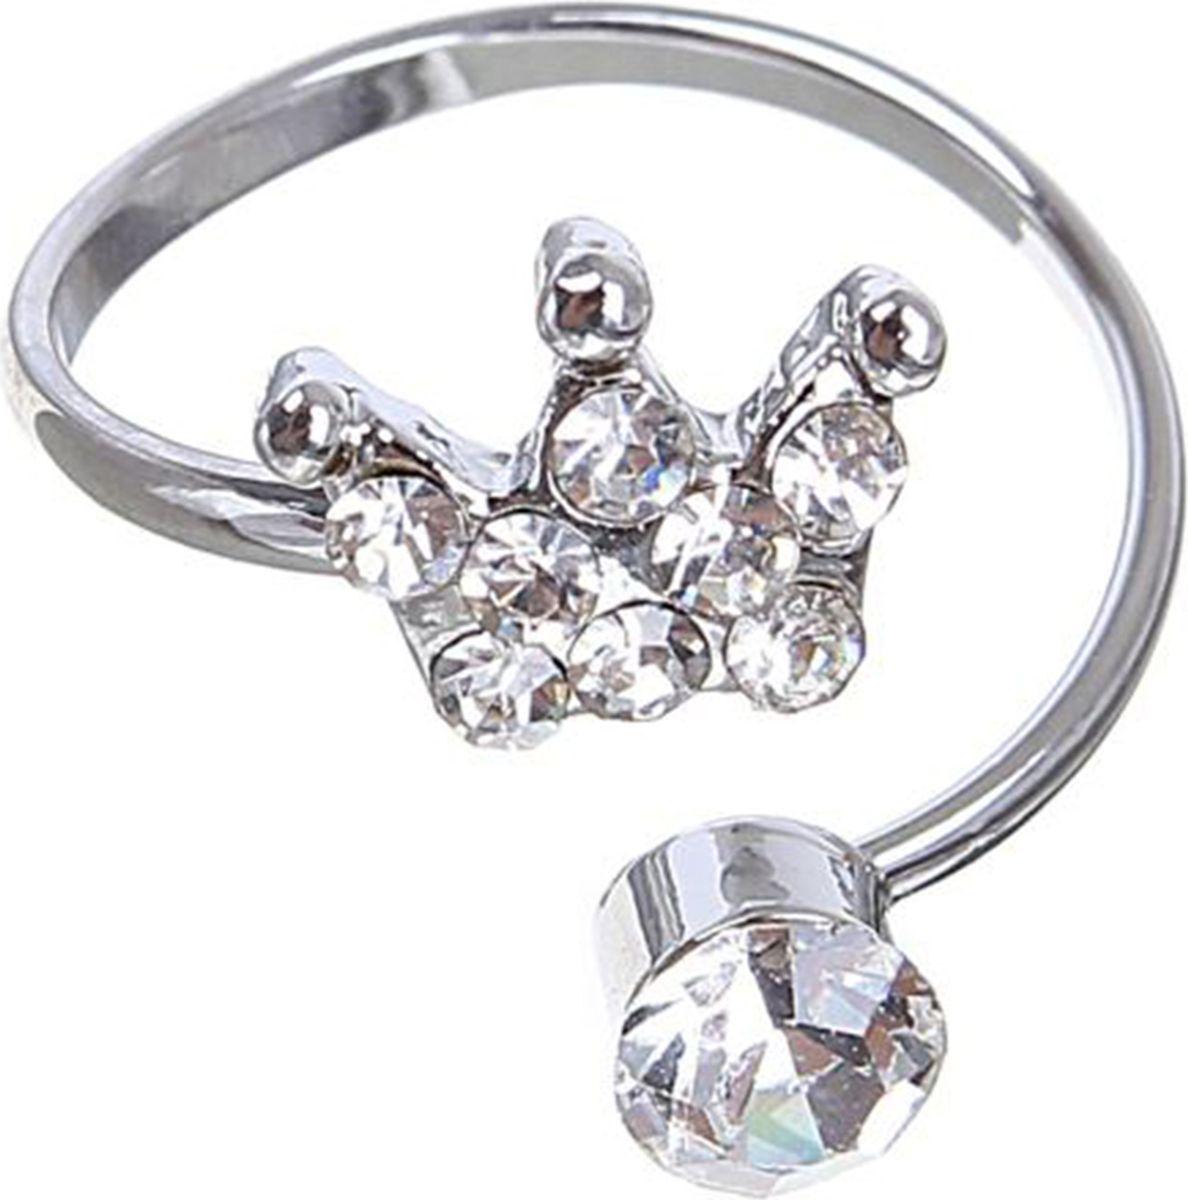 Кольцо Mitya Veselkov Корона, цвет: серебристый. 1503350Коктейльное кольцоОригинальное кольцо Mitya Veselkov Корона изготовлено из гипоаллергенного бижутерного сплава. Изделие выполнено в виде короны с вкраплениями из страз.